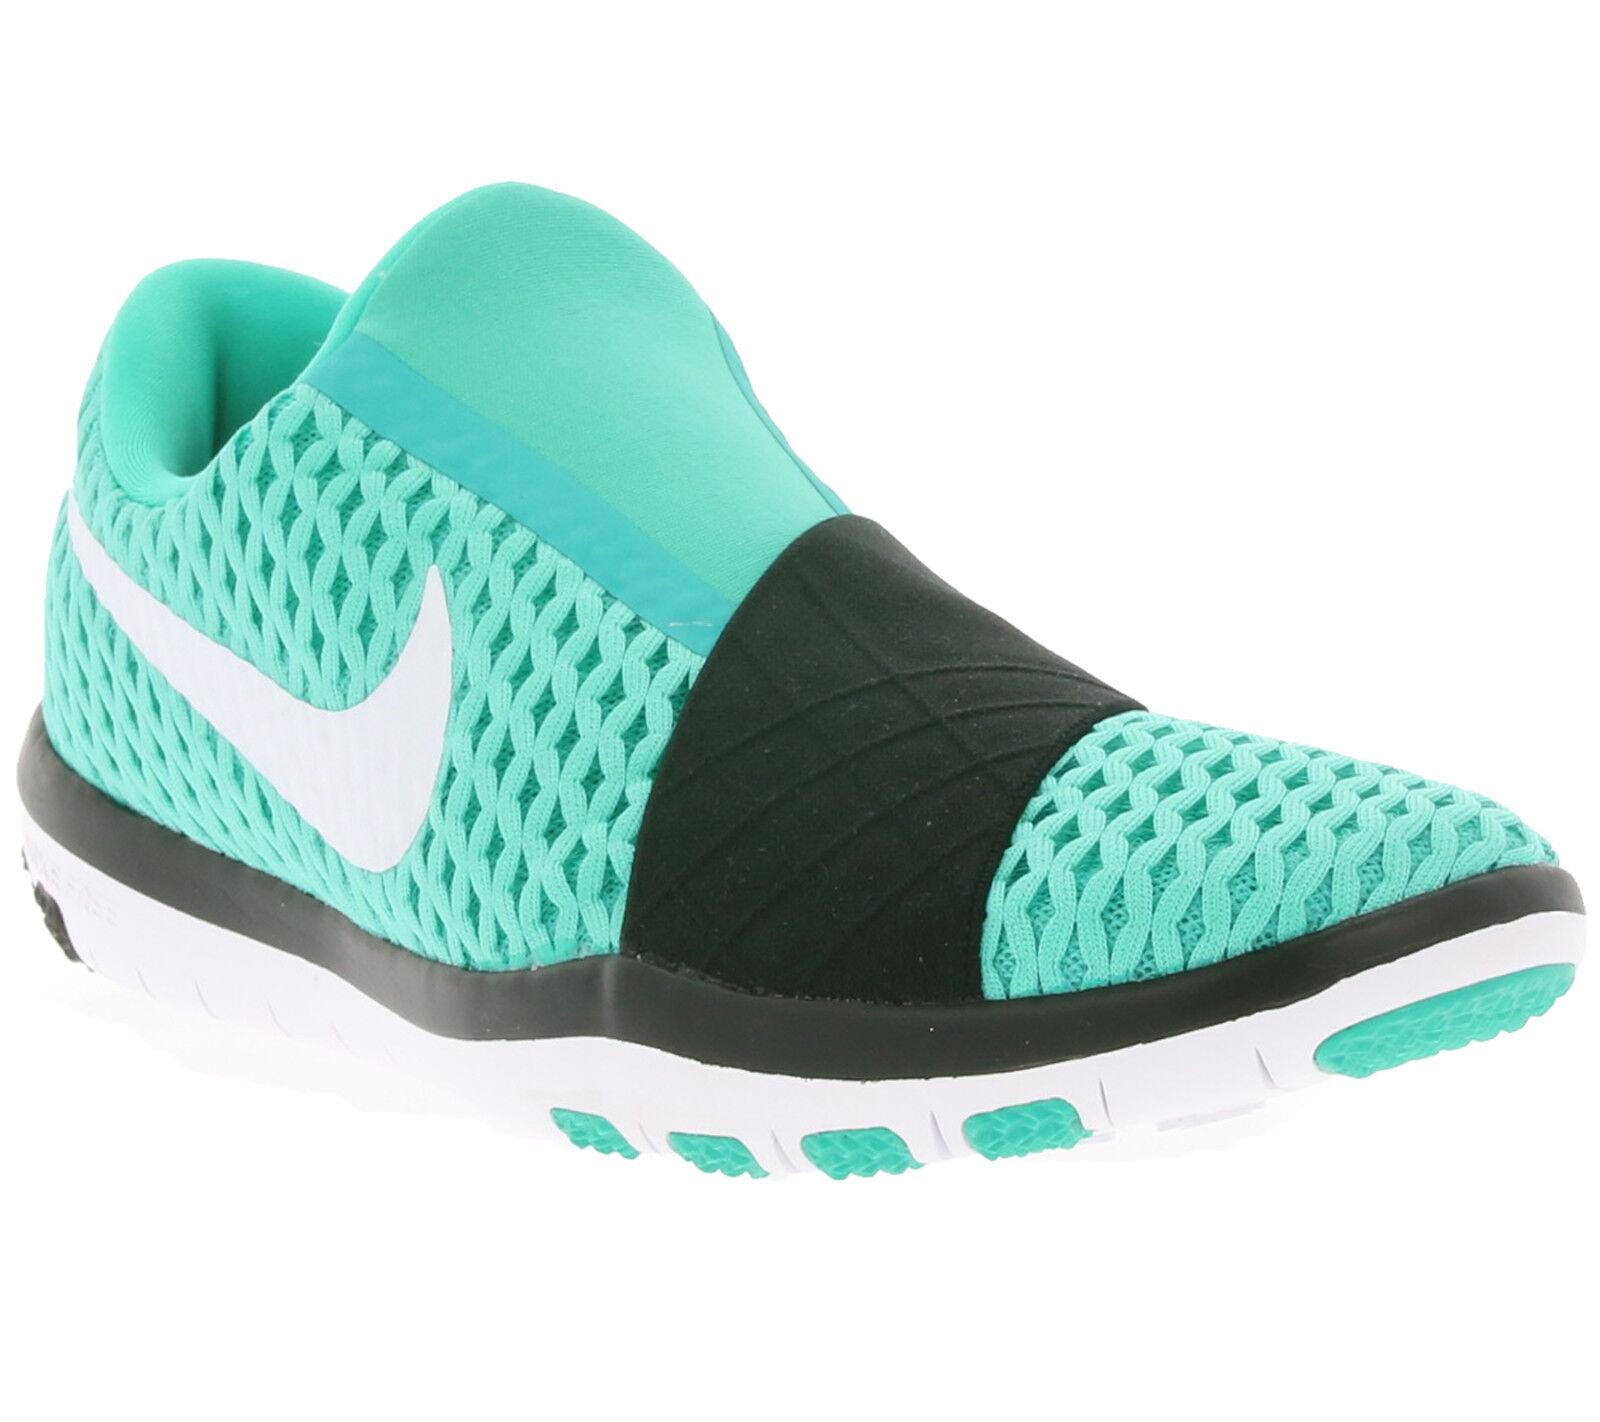 Nike  Free Connect verde Mujer 843966-300 Zapatillas Correr Nuevo Gr.37, 5  El nuevo outlet de marcas online.